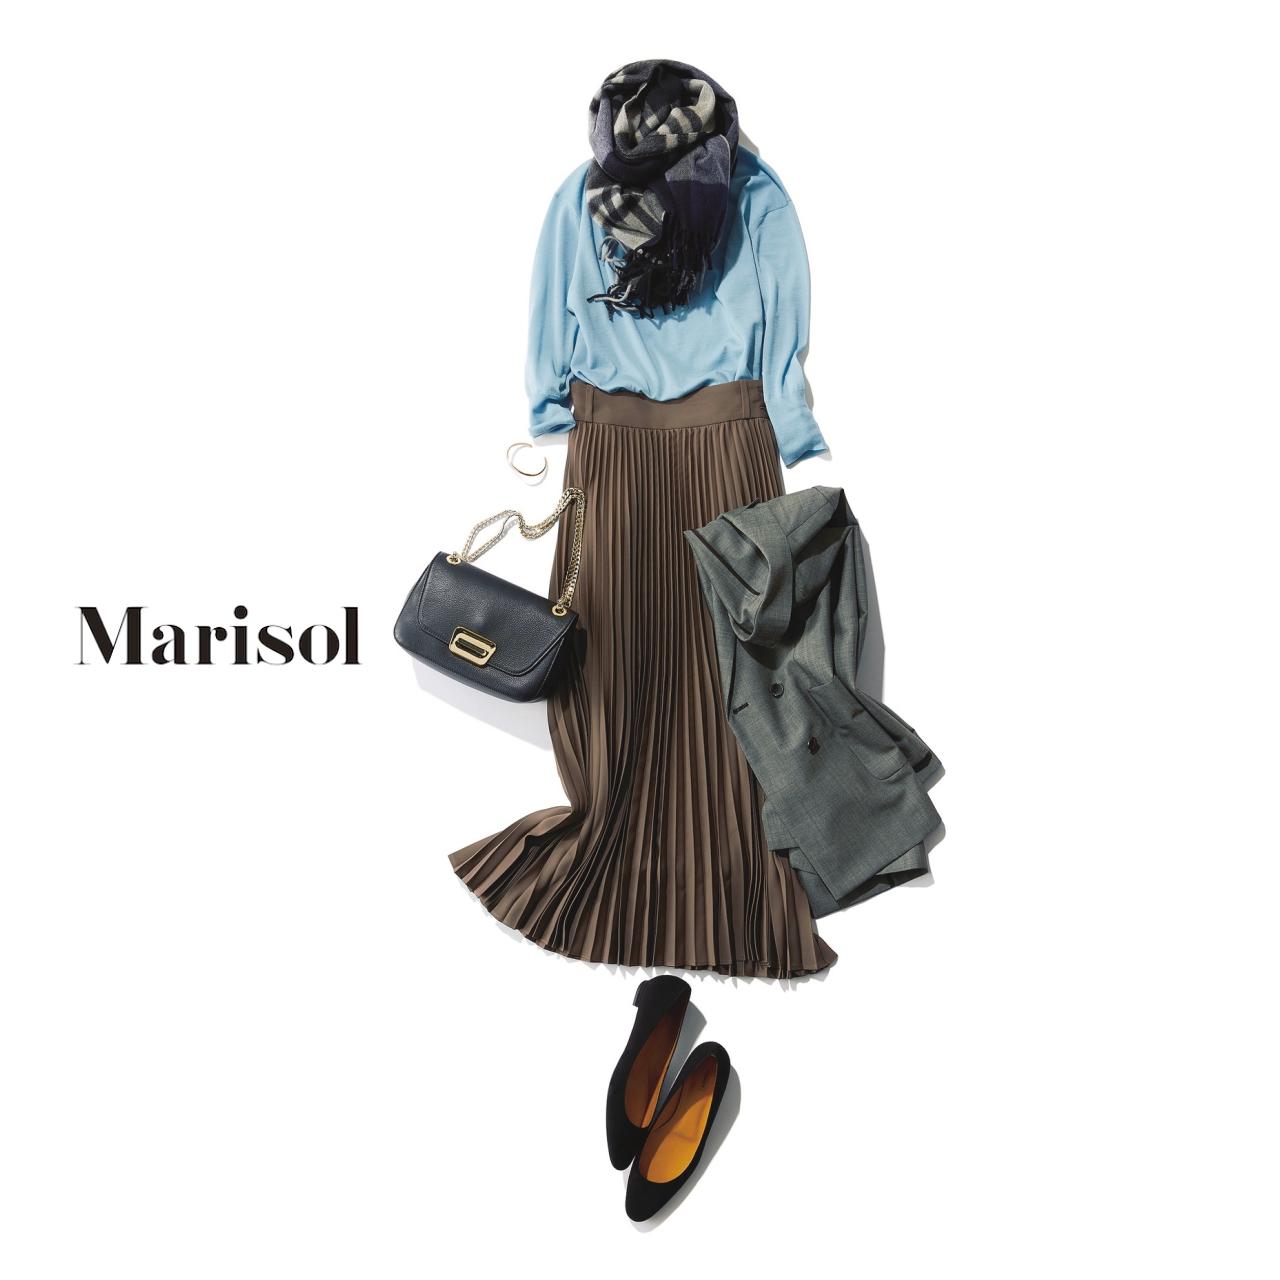 淡ブルーニット×プリーツスカートのファッションコーディネート